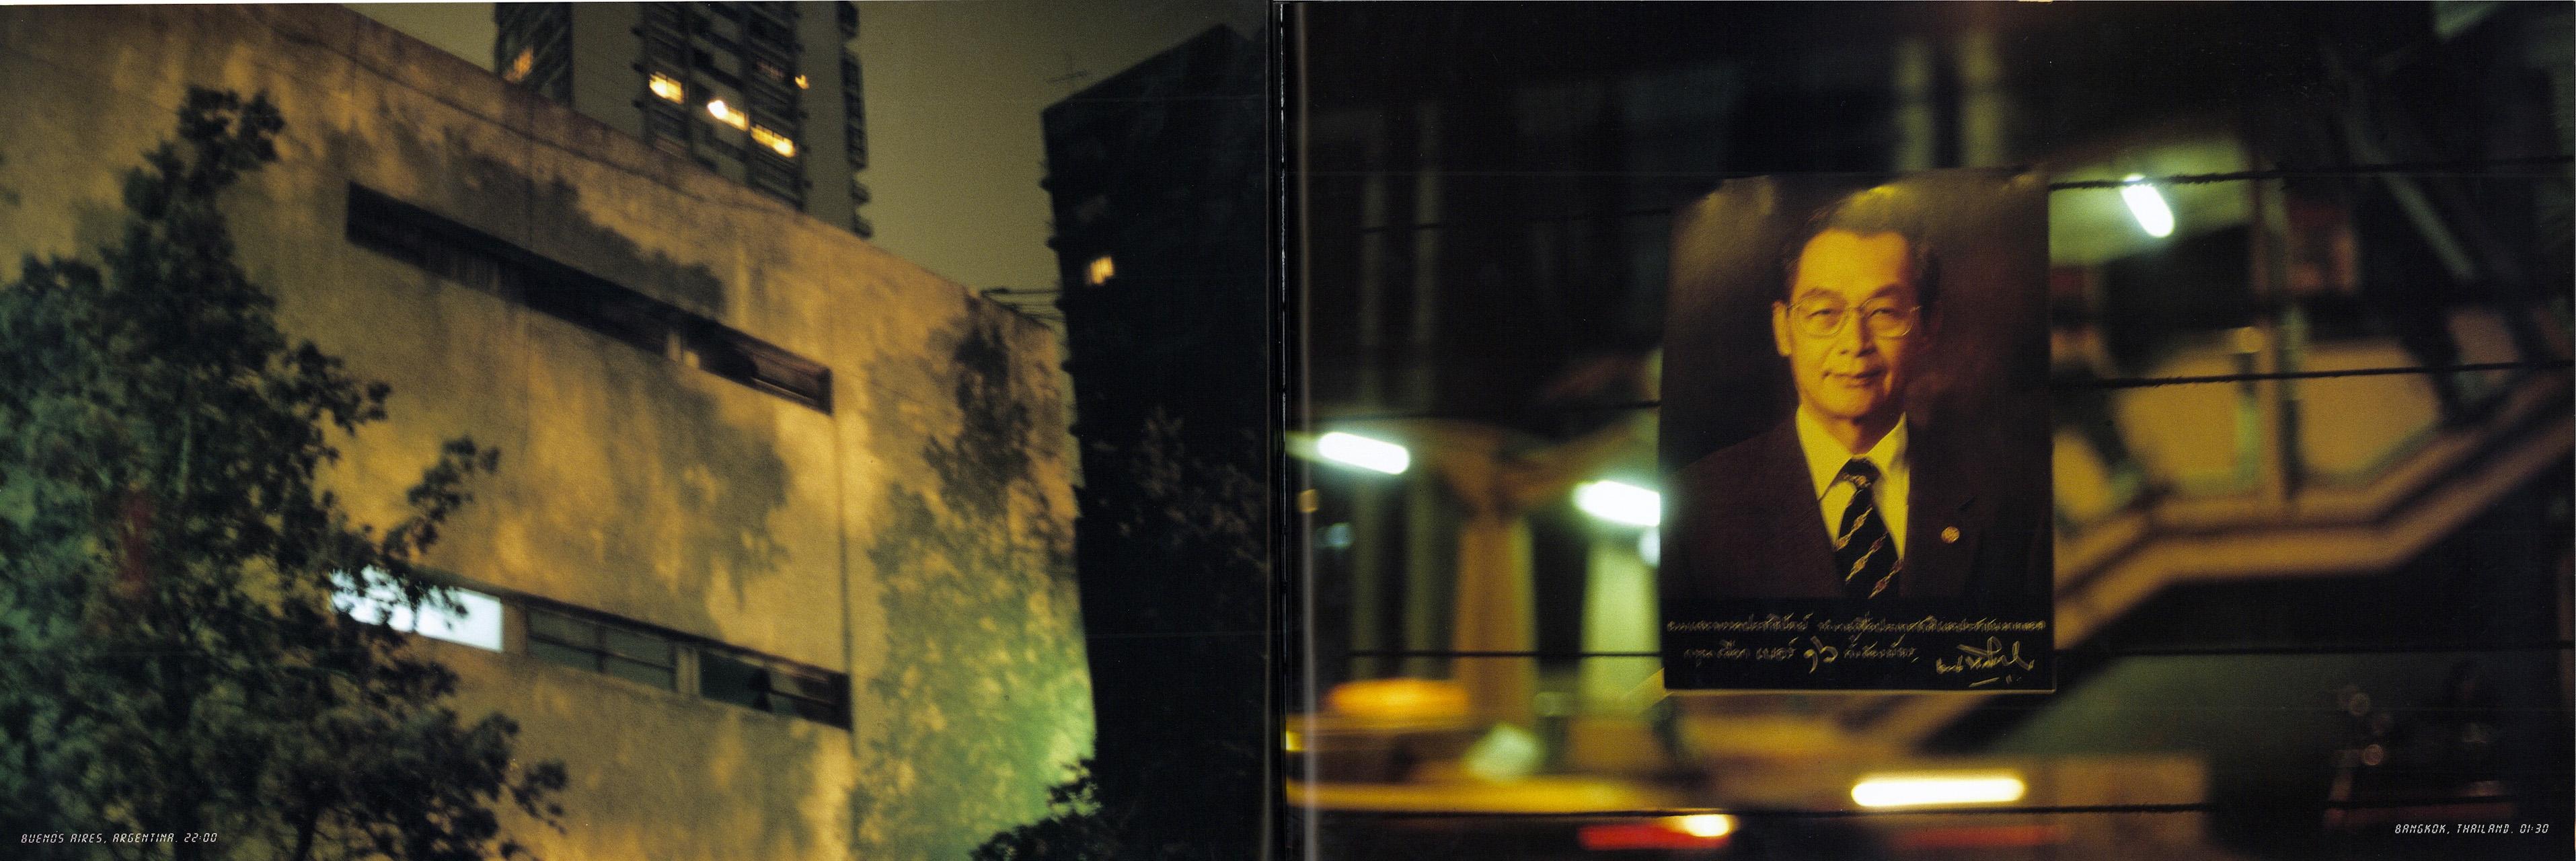 Extérieur nuit, livre de Véronique Durruty et Patrick Guedj